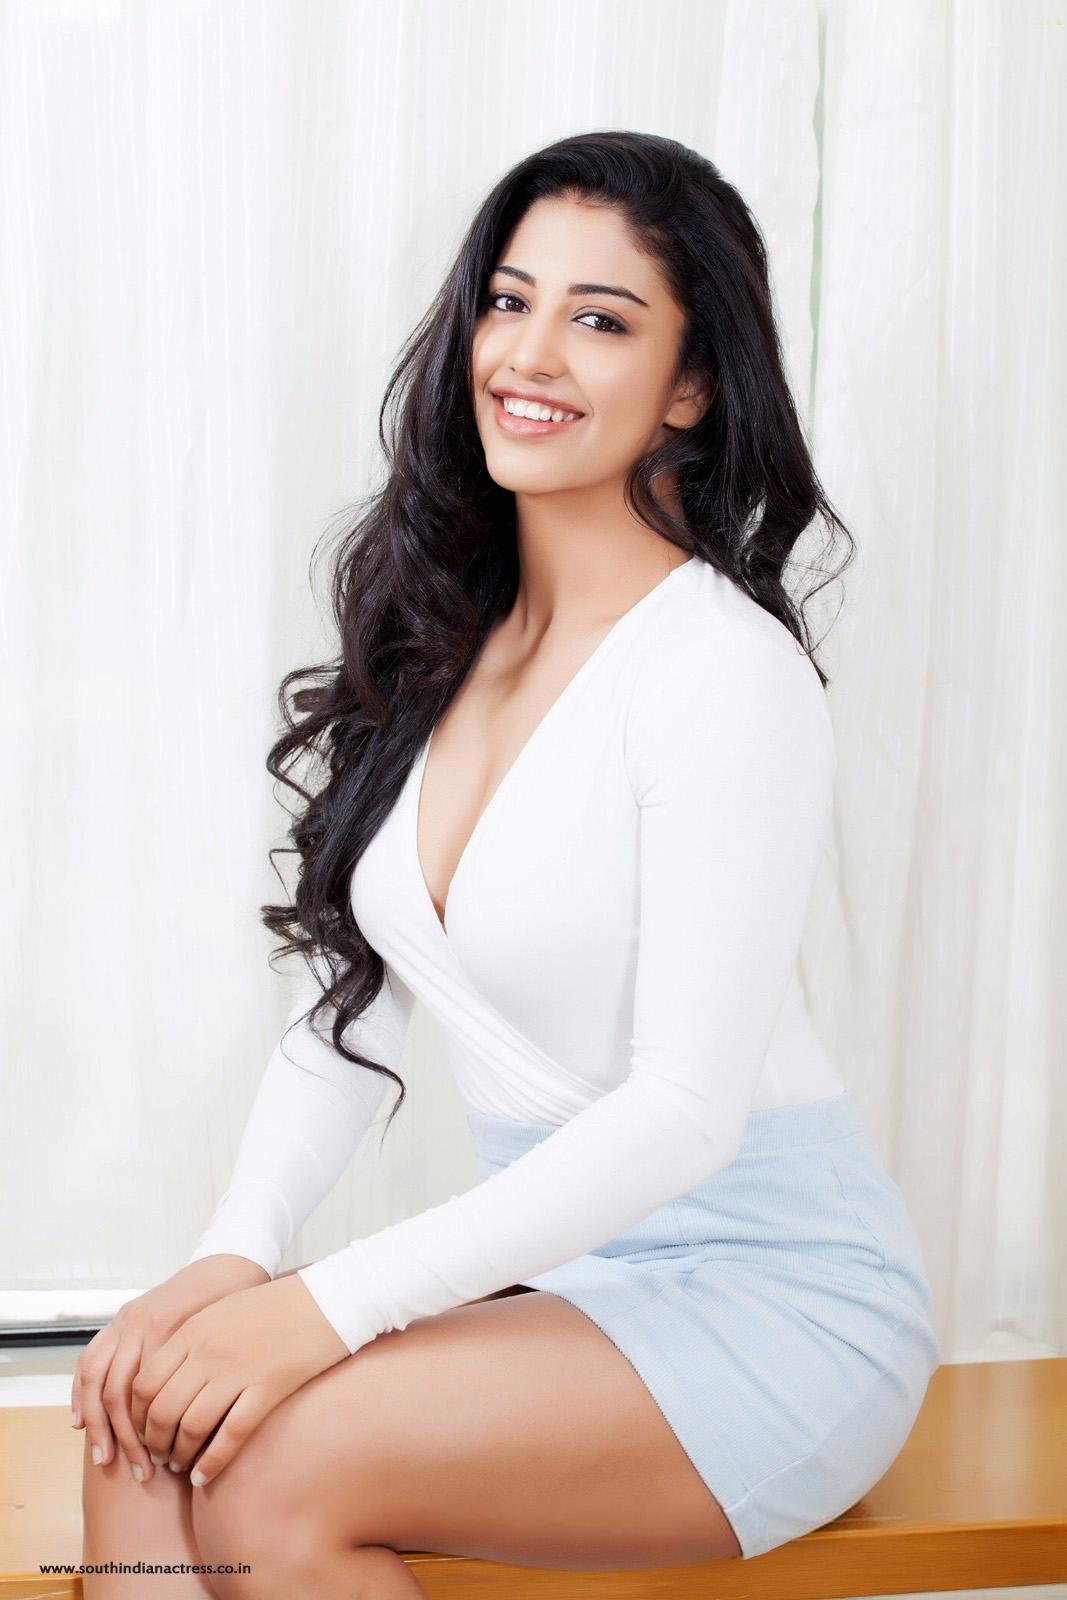 DEBATE sobre belleza, guapura y hermosura (fotos de chicas latinas, mestizas, y de todo) - VOL II - Página 7 Daksha-nagarkar-in-white-dress22